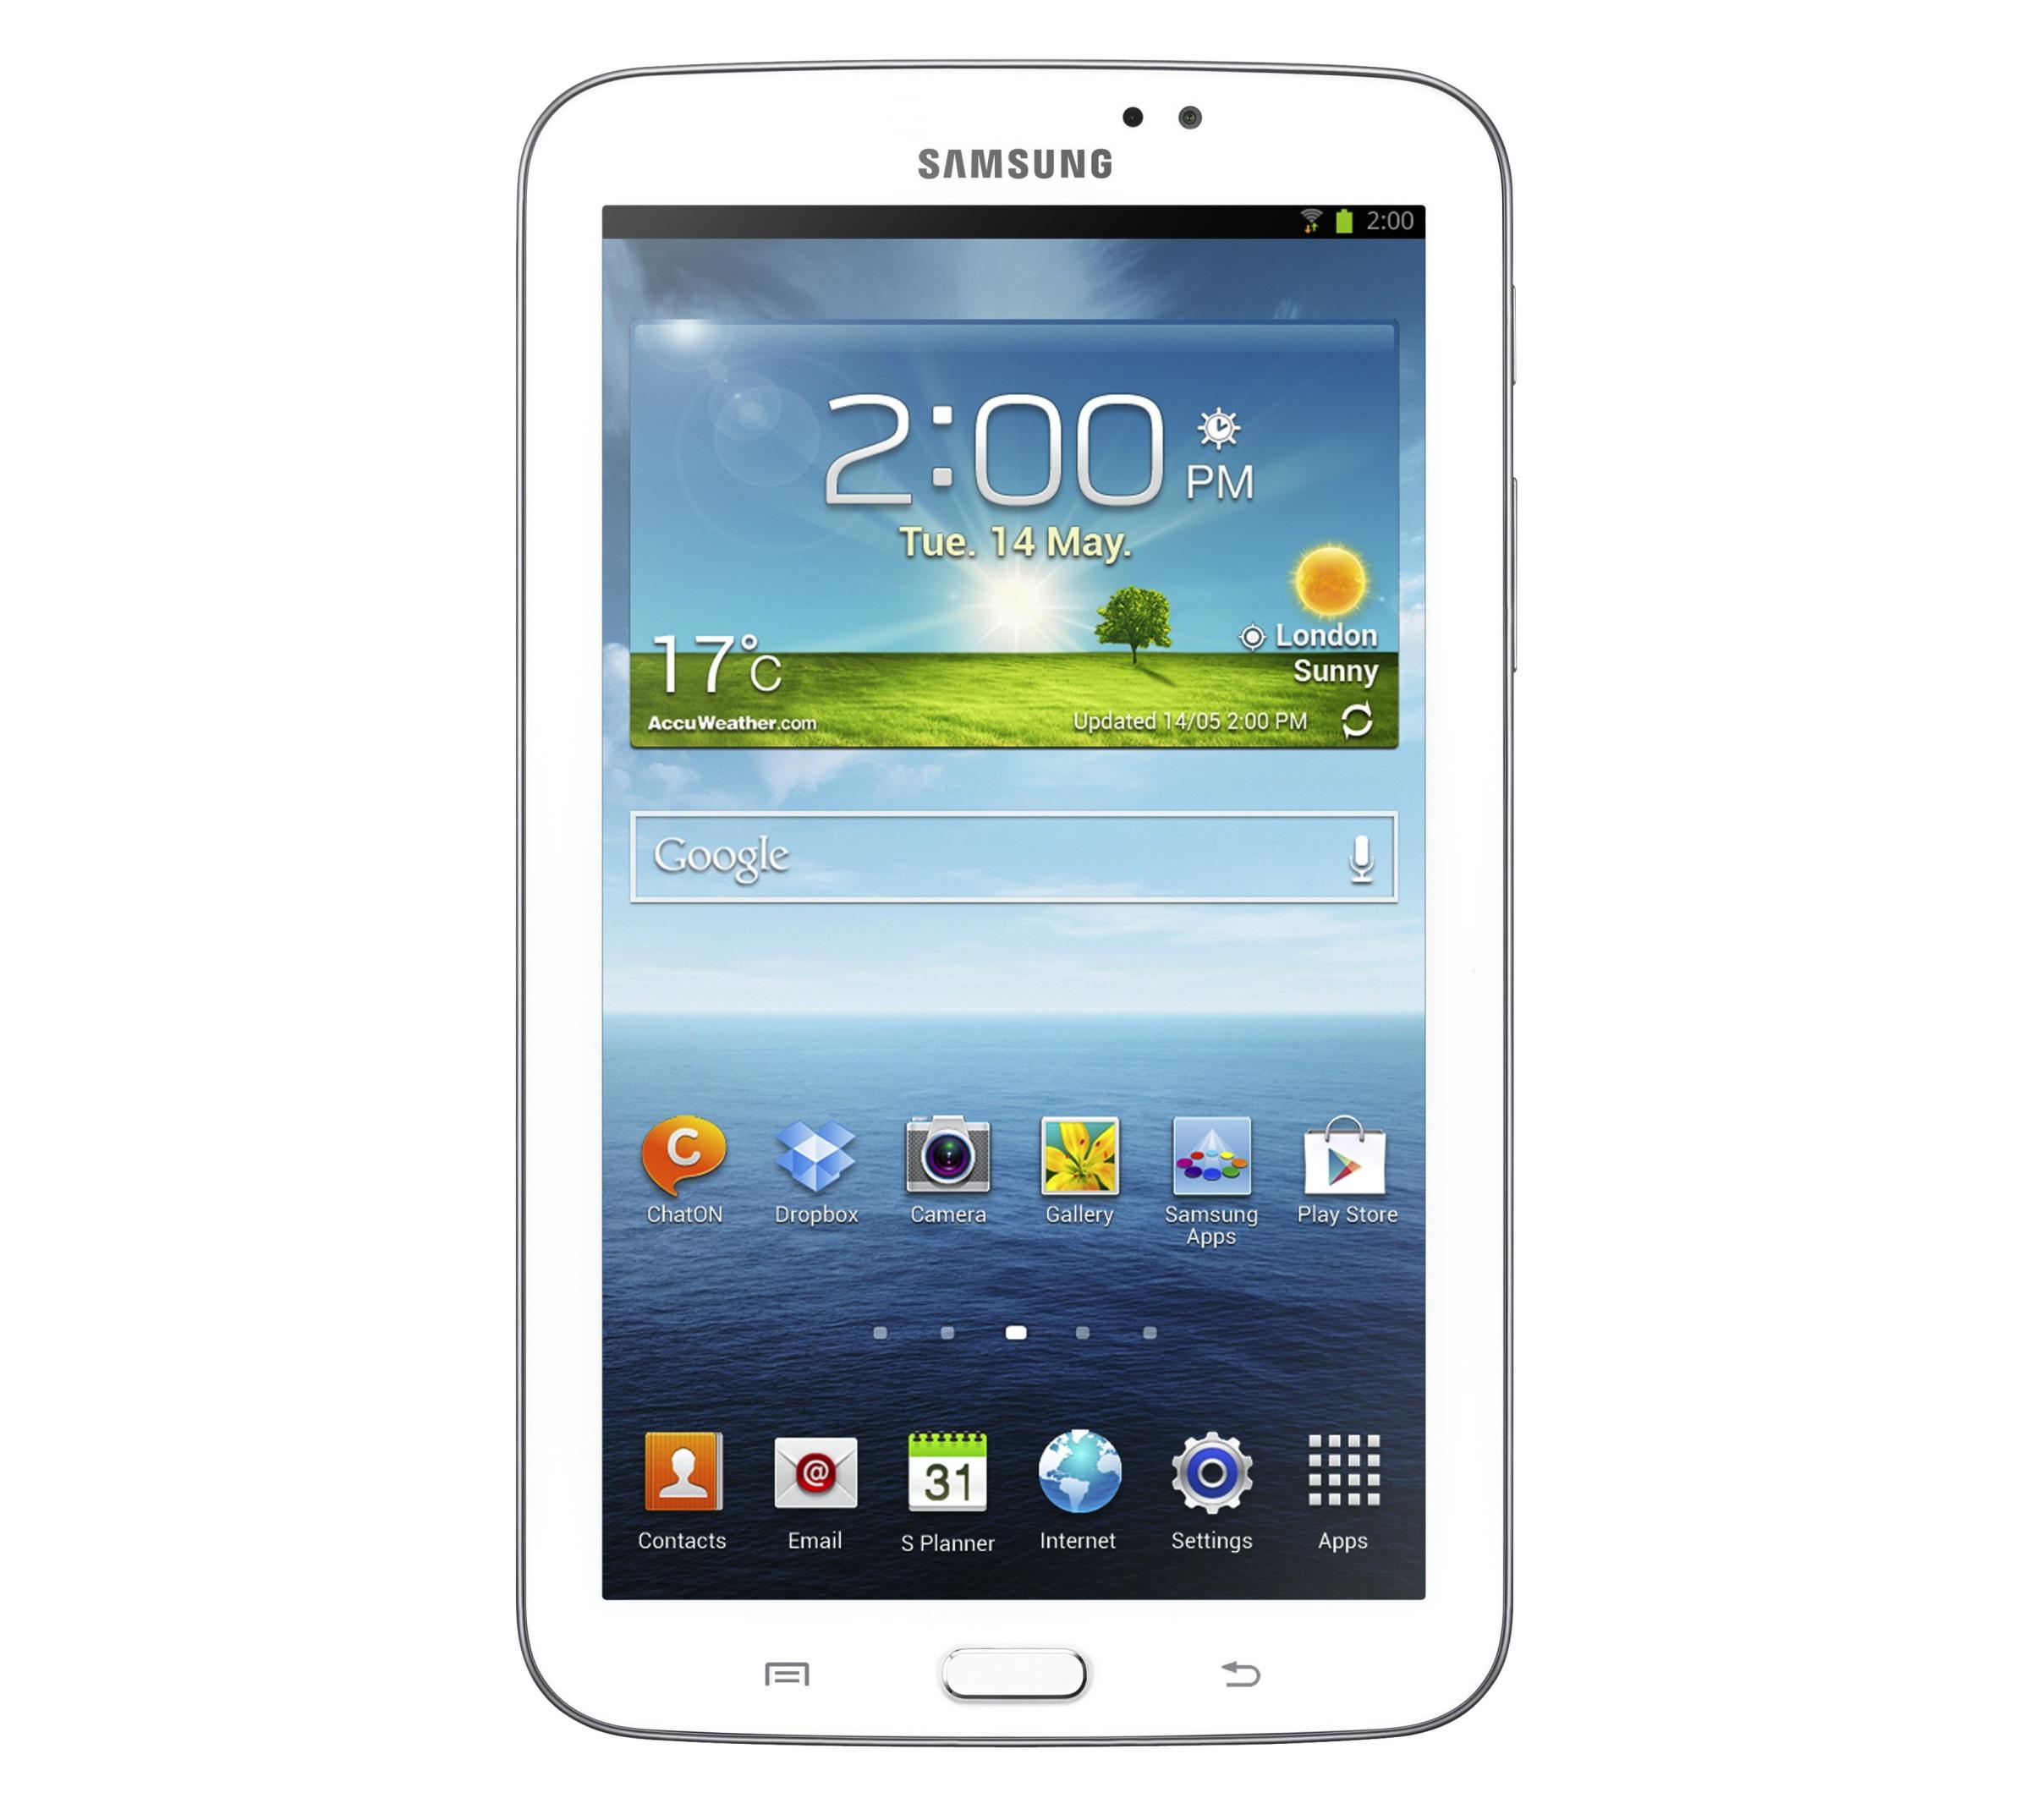 Внешний вид планшета Samsung Galaxy Tab 3 7.0